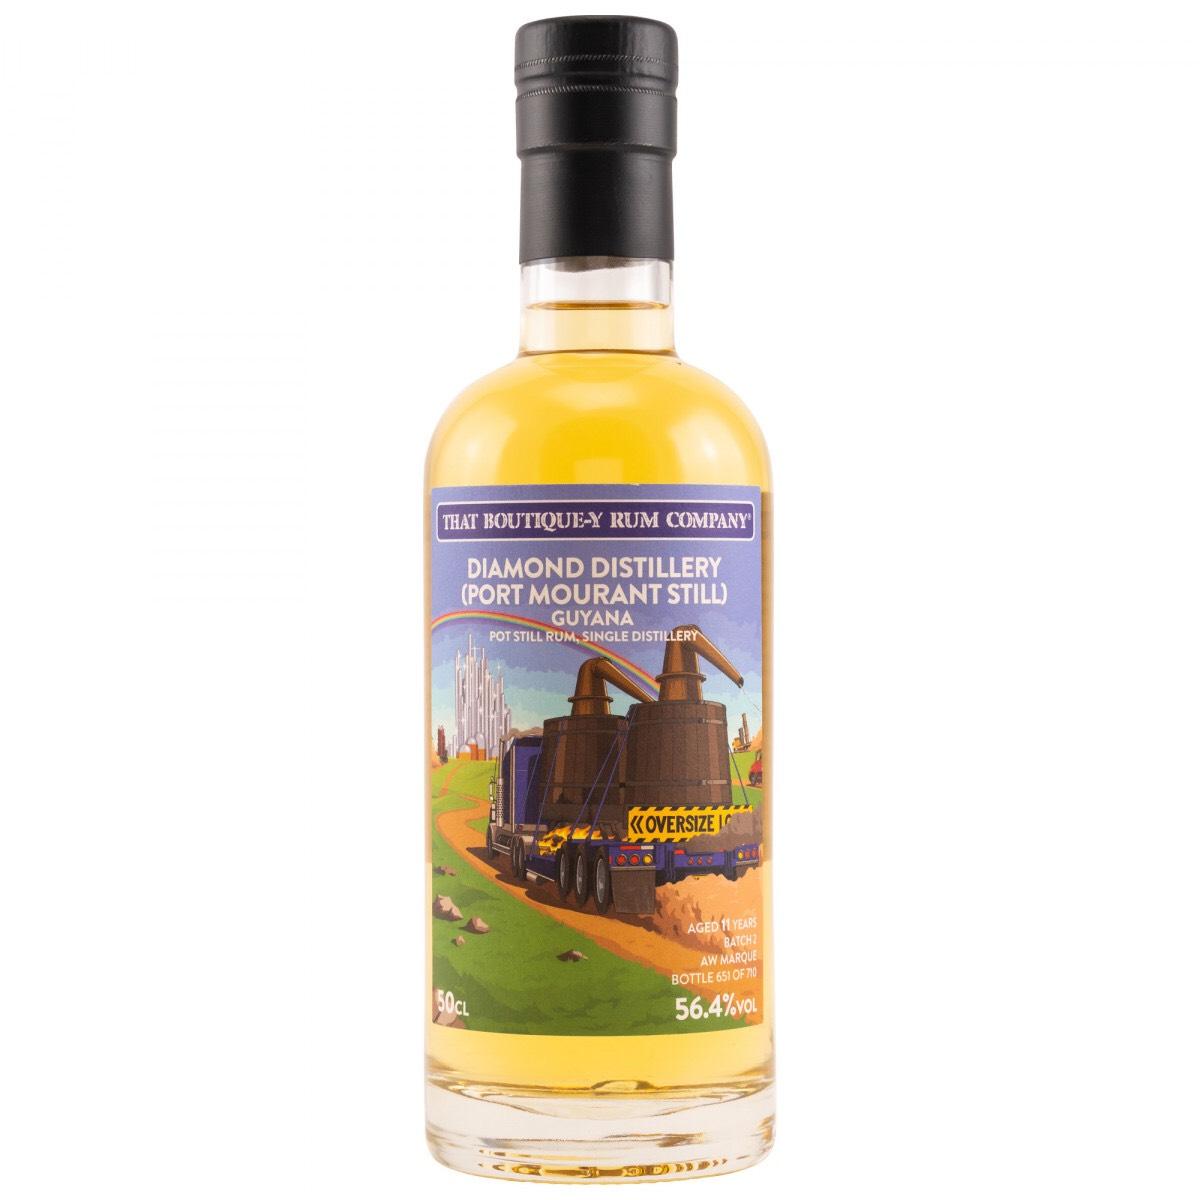 Bottle image of Port Mourant Still AW